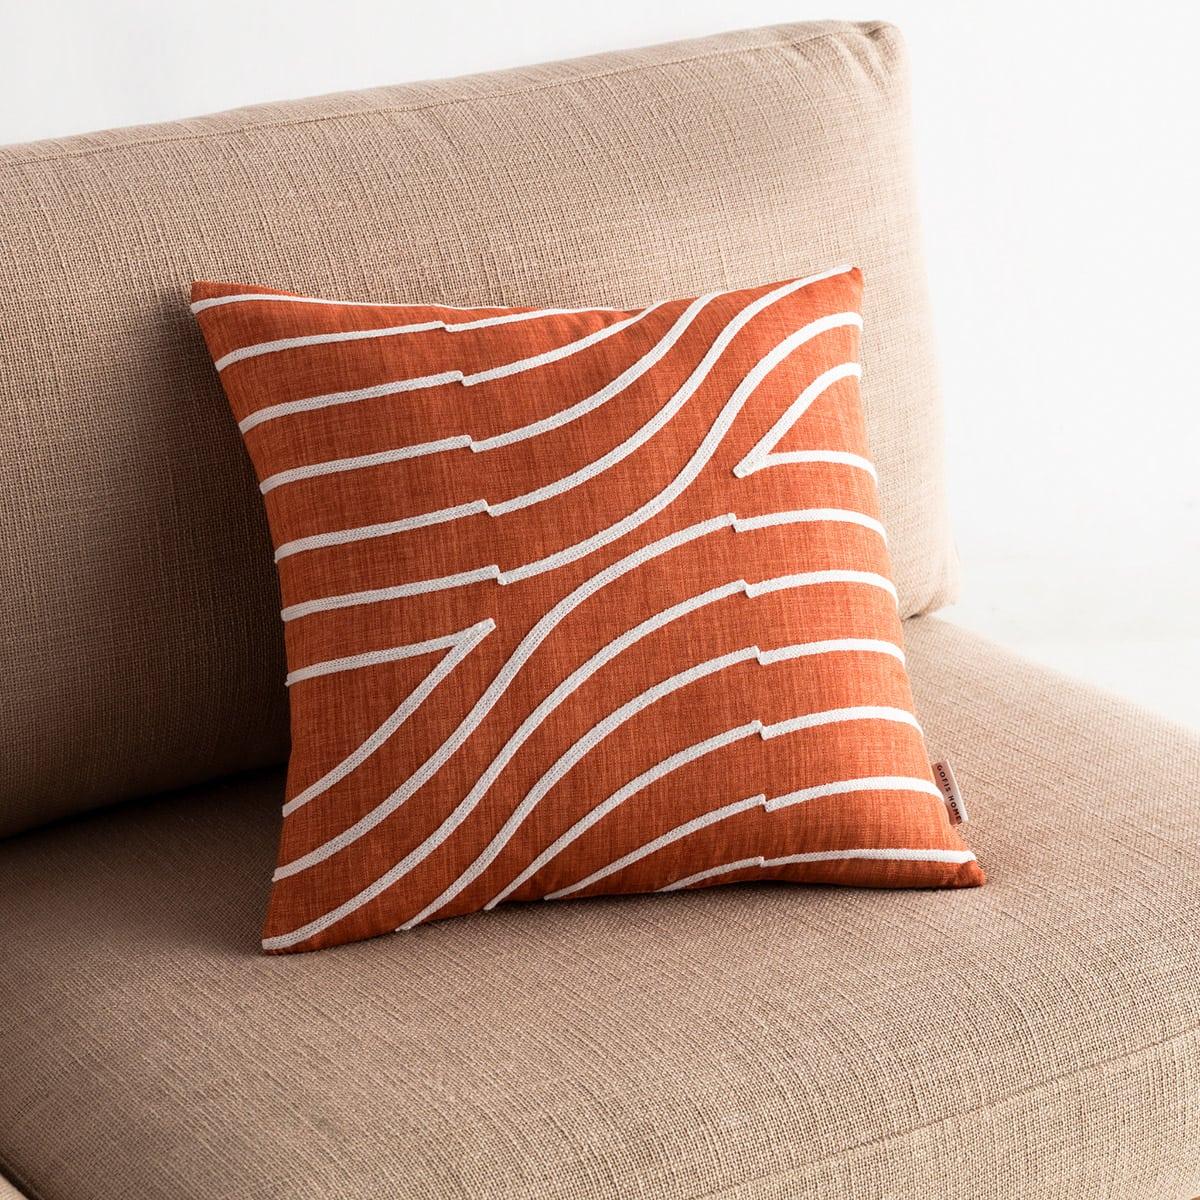 Μαξιλαροθήκη Διακοσμητική Amon 261/13 Tan Brown Gofis Home 45X45 100% Polyester